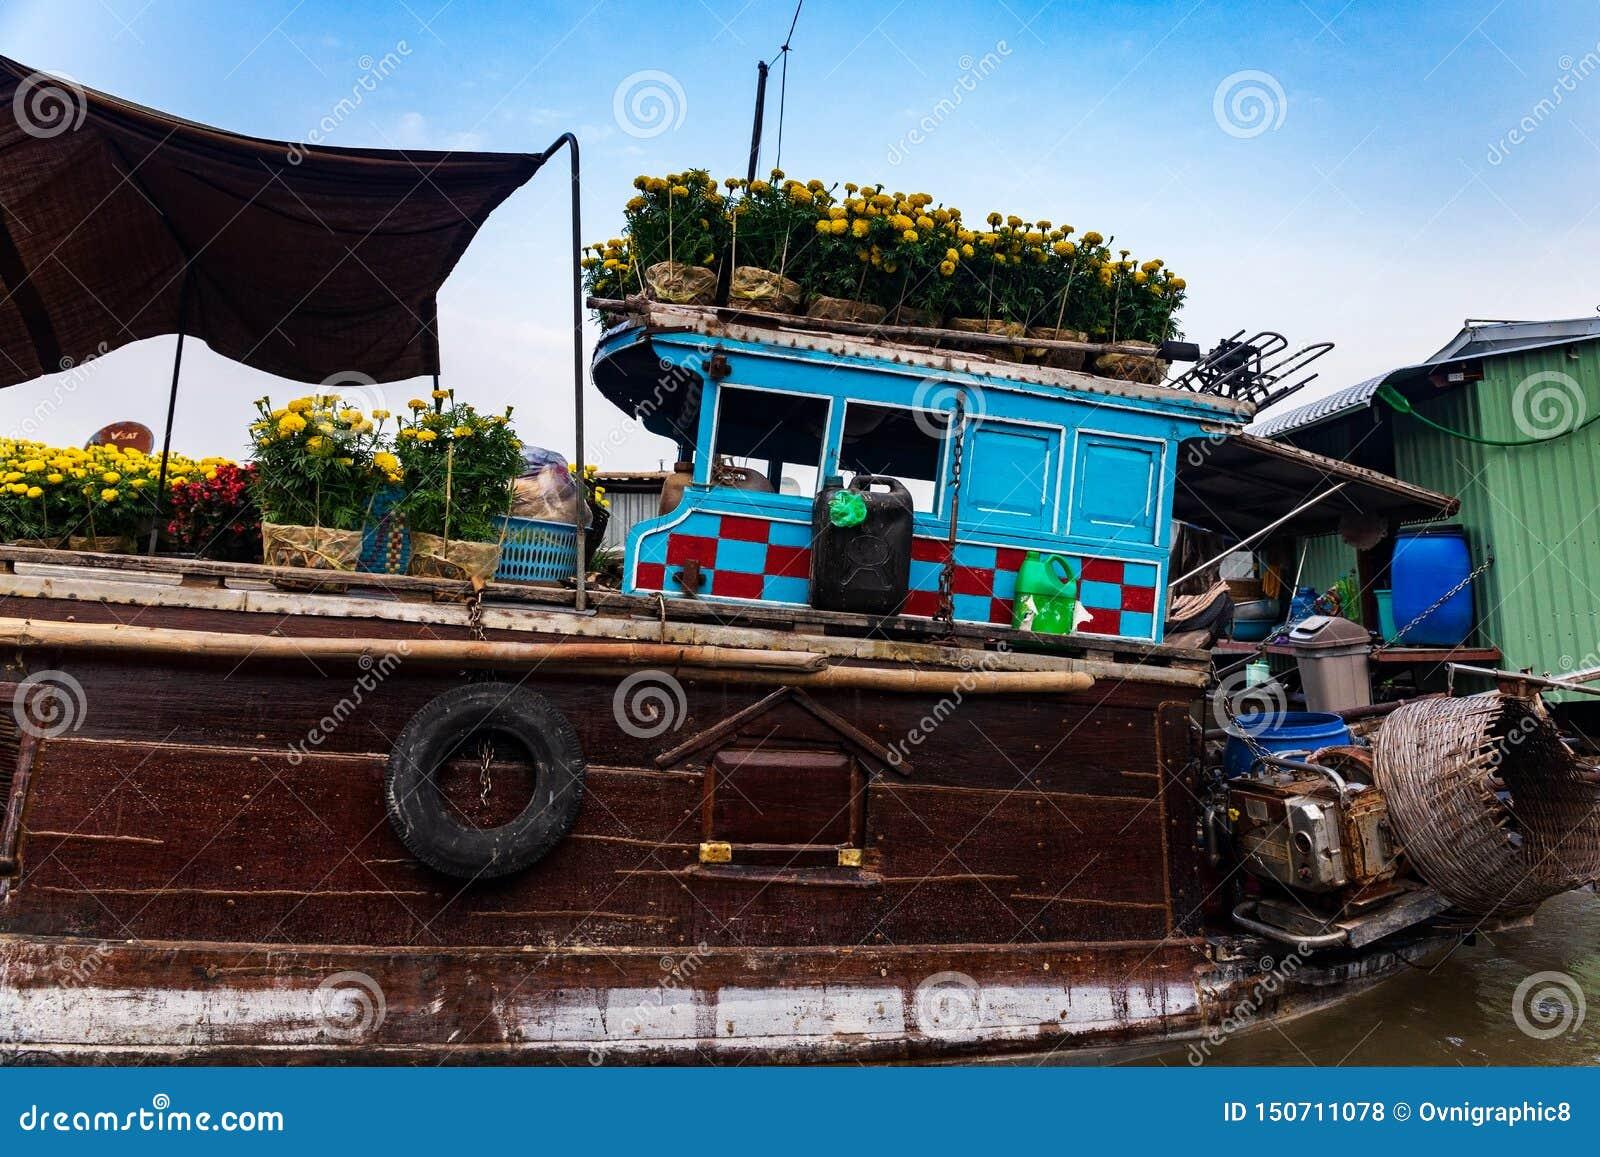 Close-up de um marrom e de um barco azul ou sampana que leva flores amarelas e vermelhas para a celebração do ano novo de Tet, de